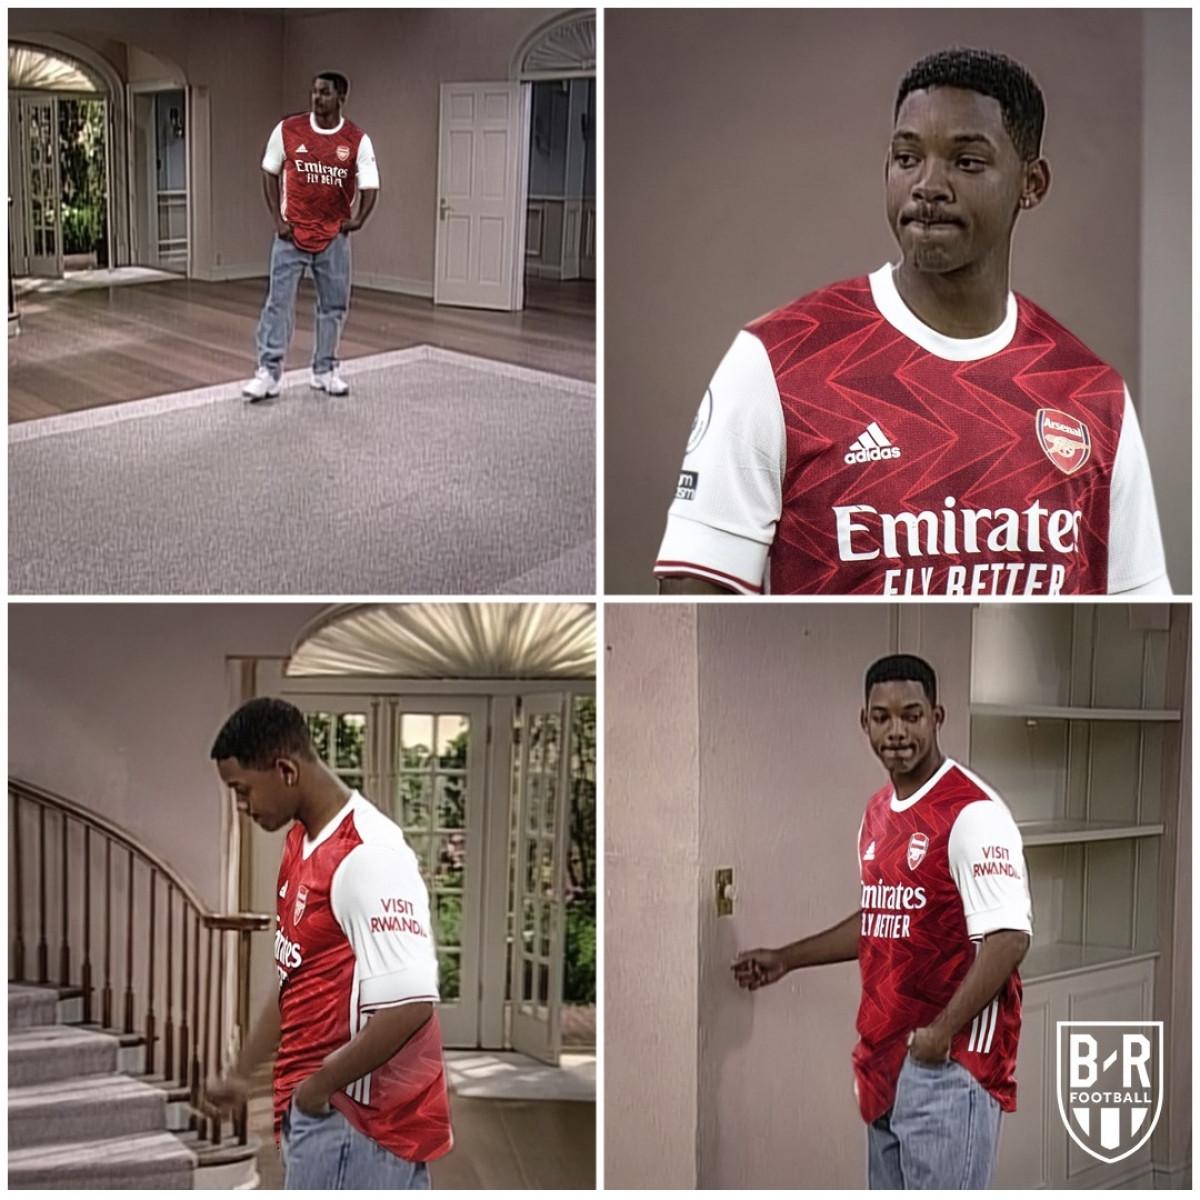 CĐV Arsenal chán nản khi chứng kiến đội nhà thua trận. (Ảnh: Bleacher Report).